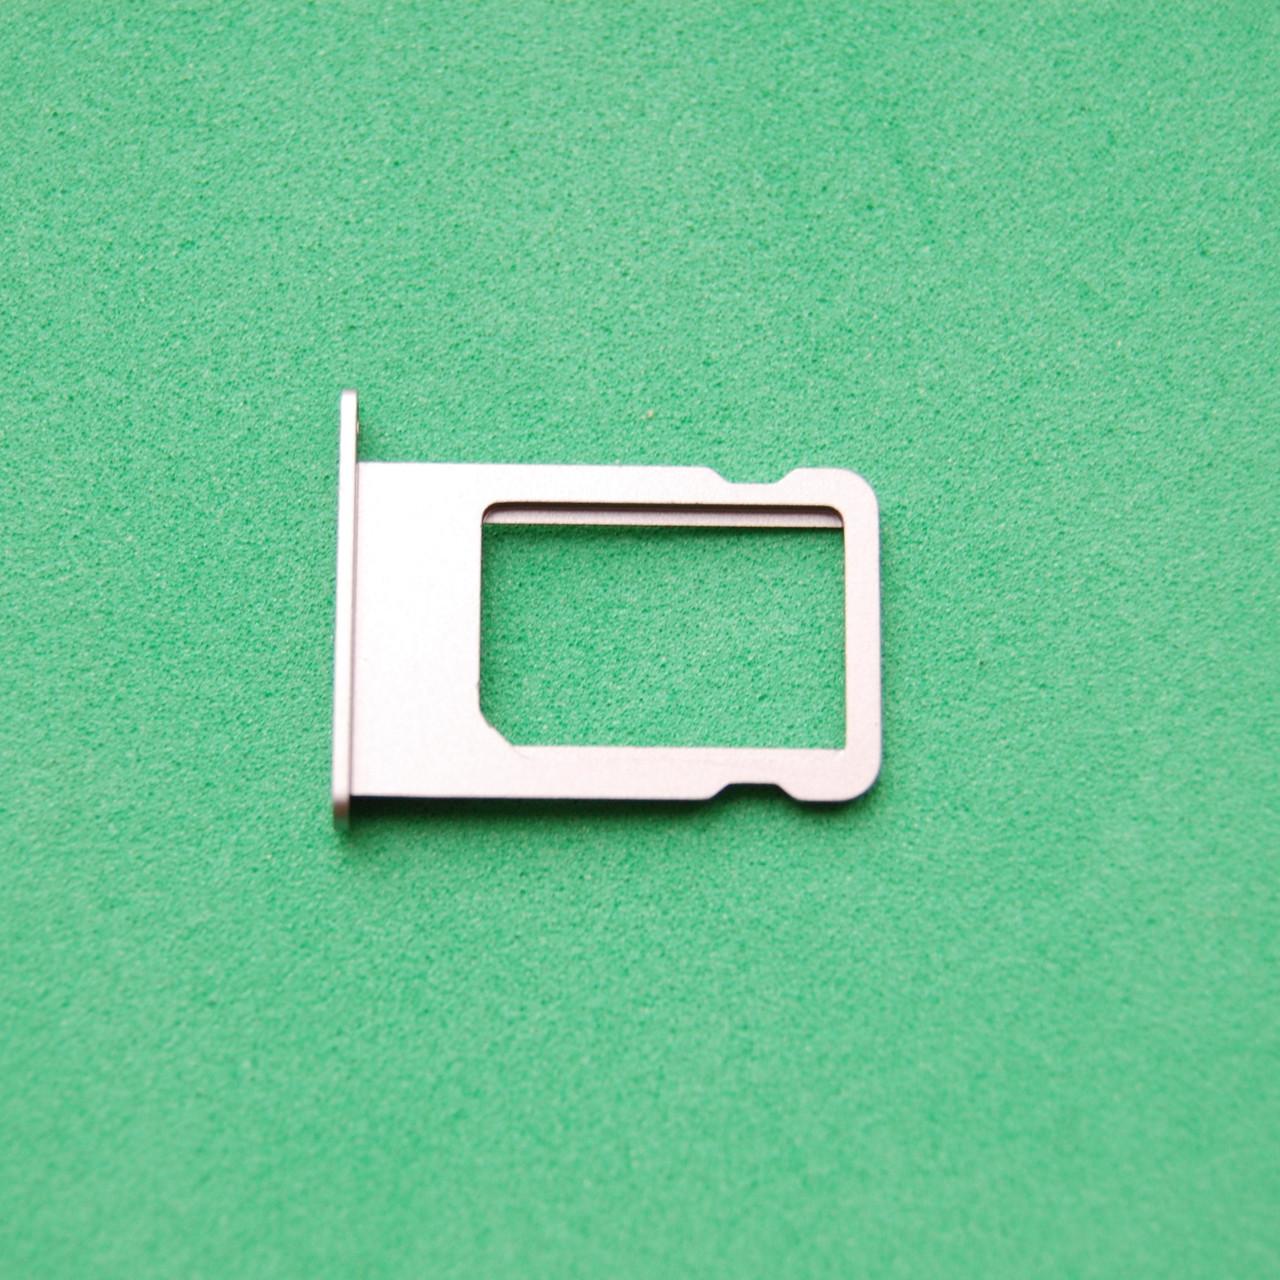 Держатель sim-карты для Apple iPhone 5S gray